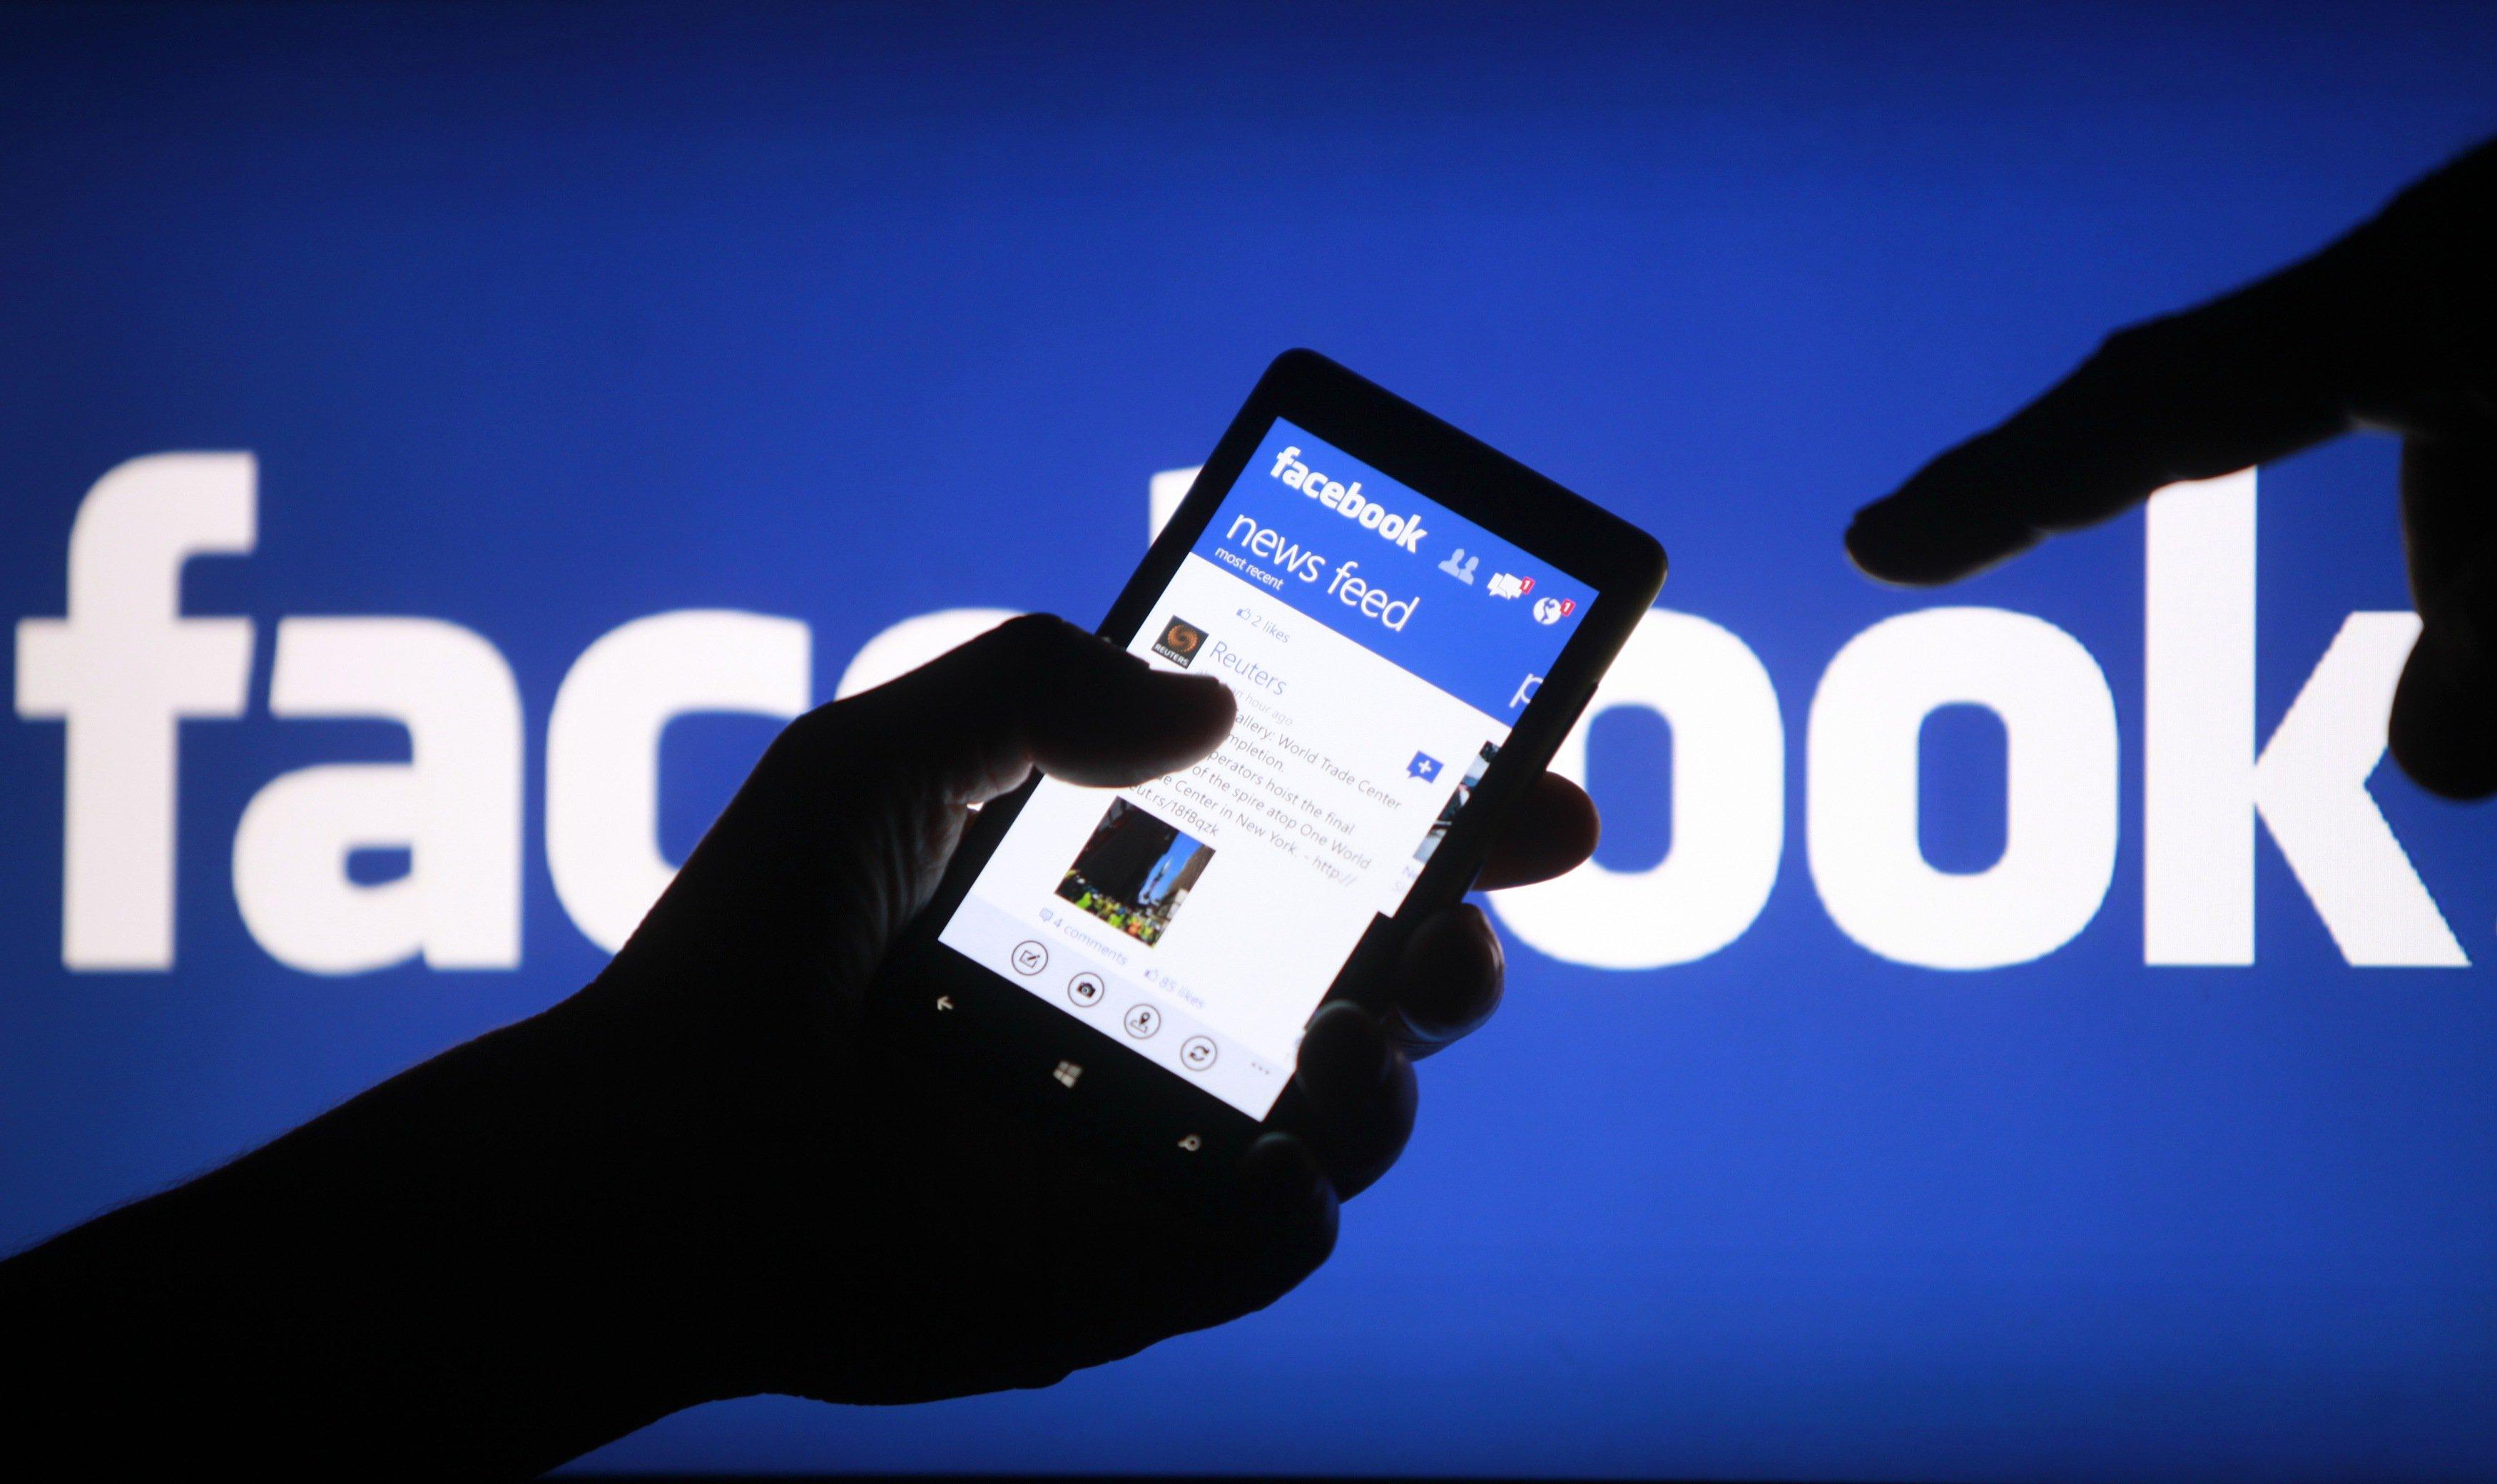 Facebook Messenger soporta ahora gifs animados